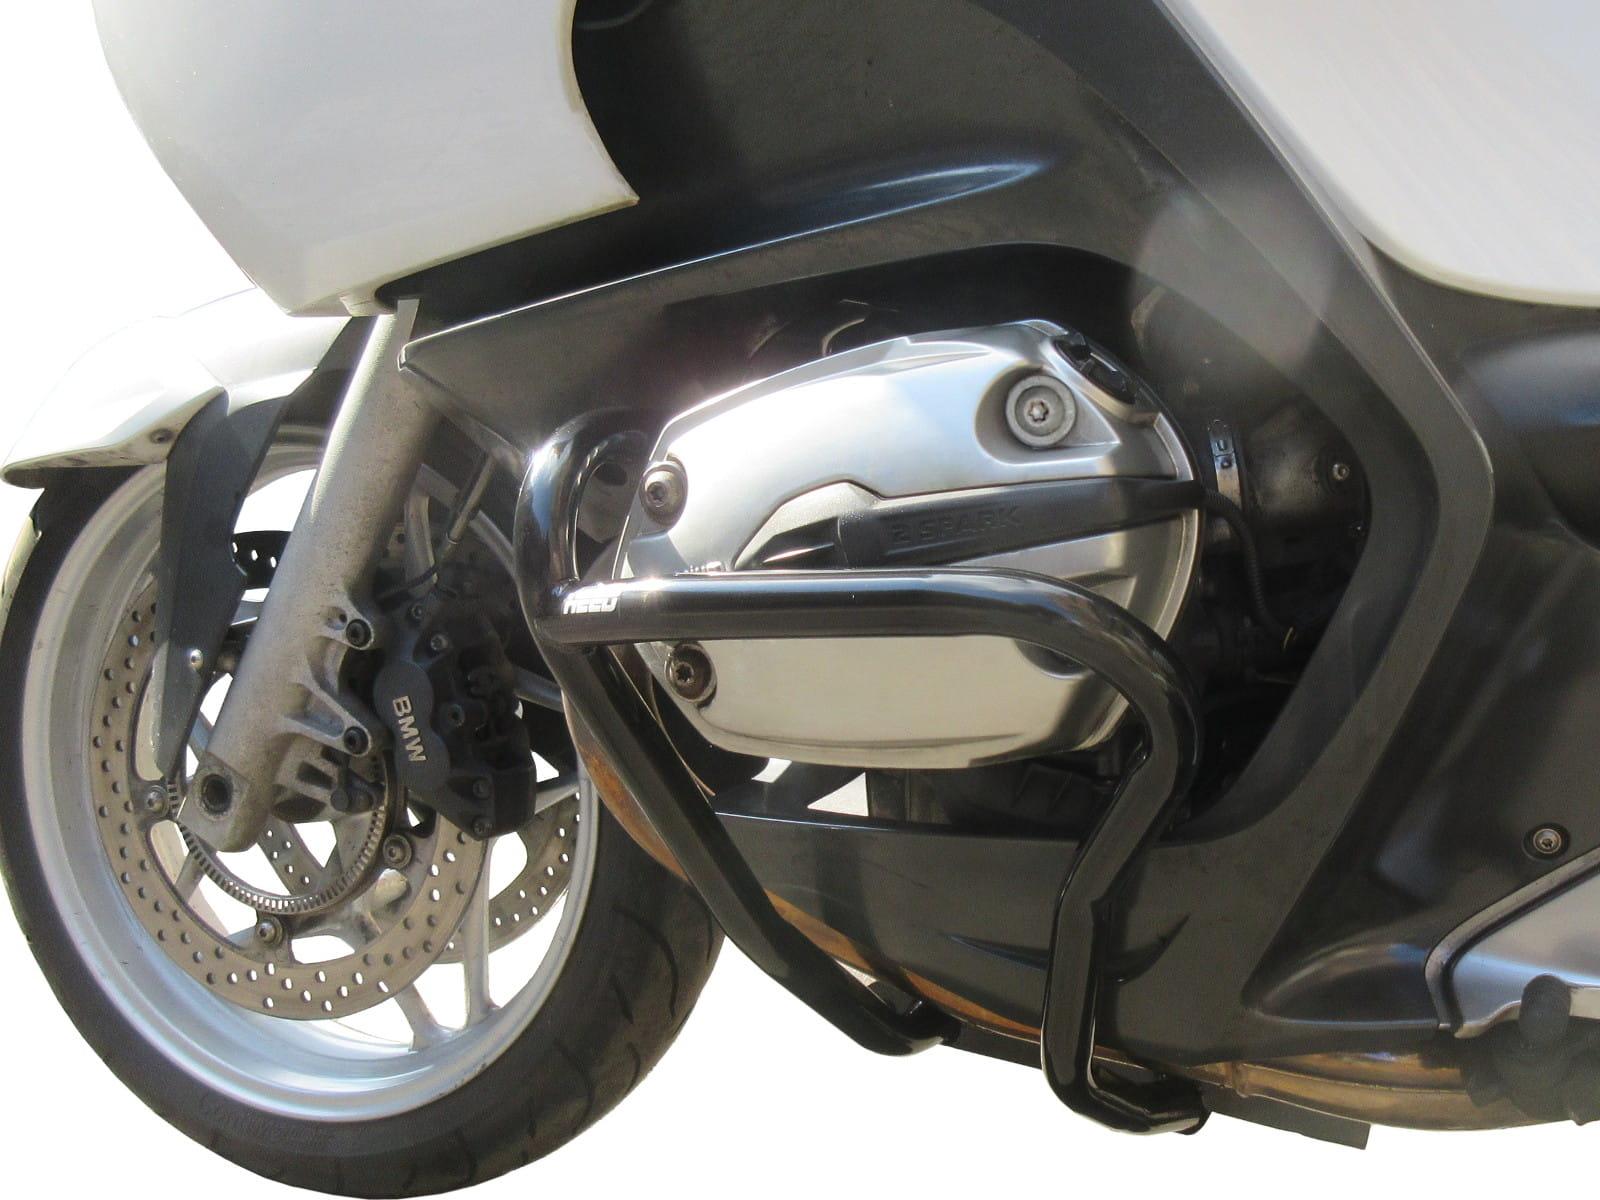 Front Crash Bars For Bmw R 1200 Rt 2005 2013 Black